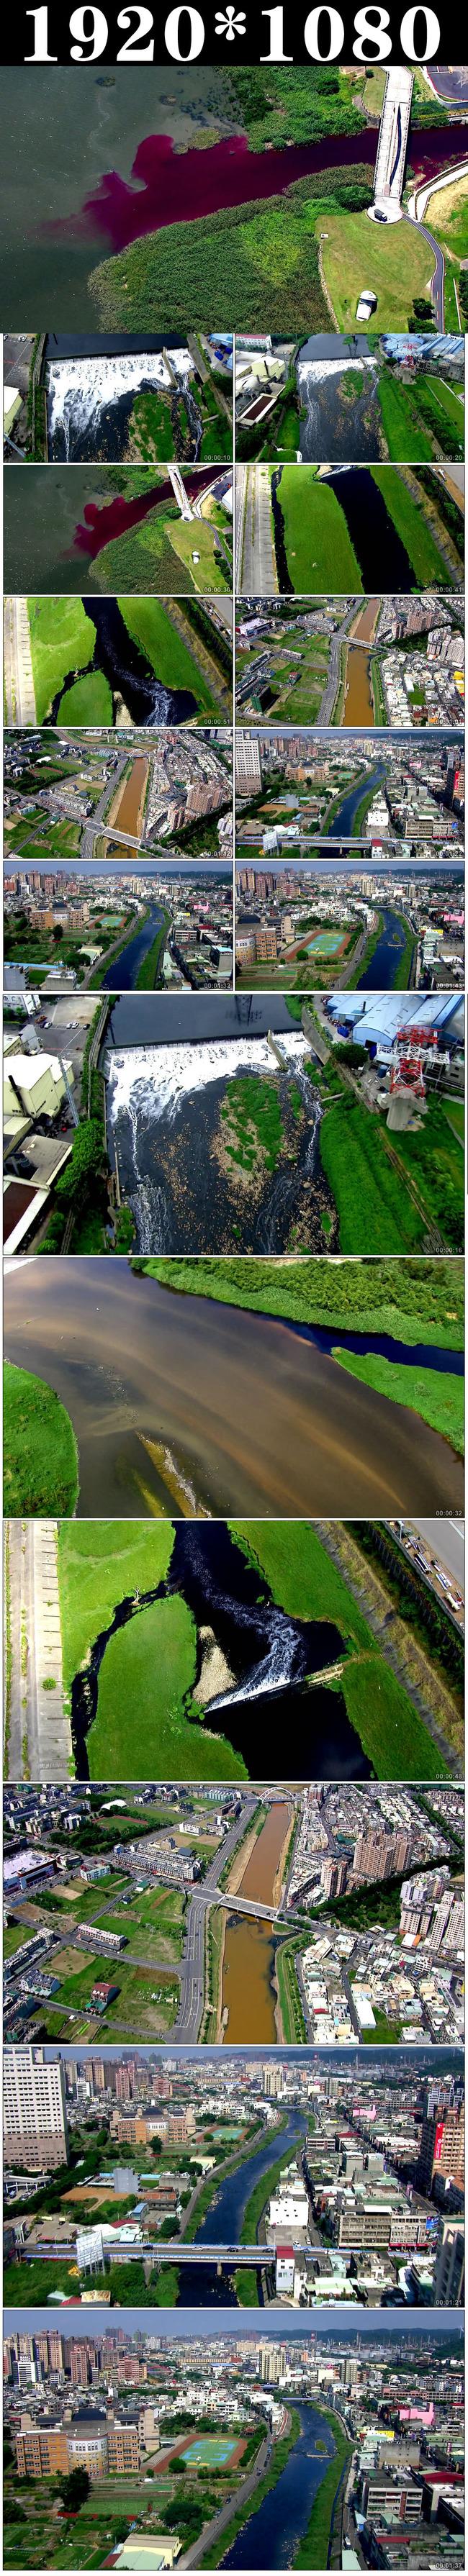 城市工业污染水水污染高清实拍视频素材